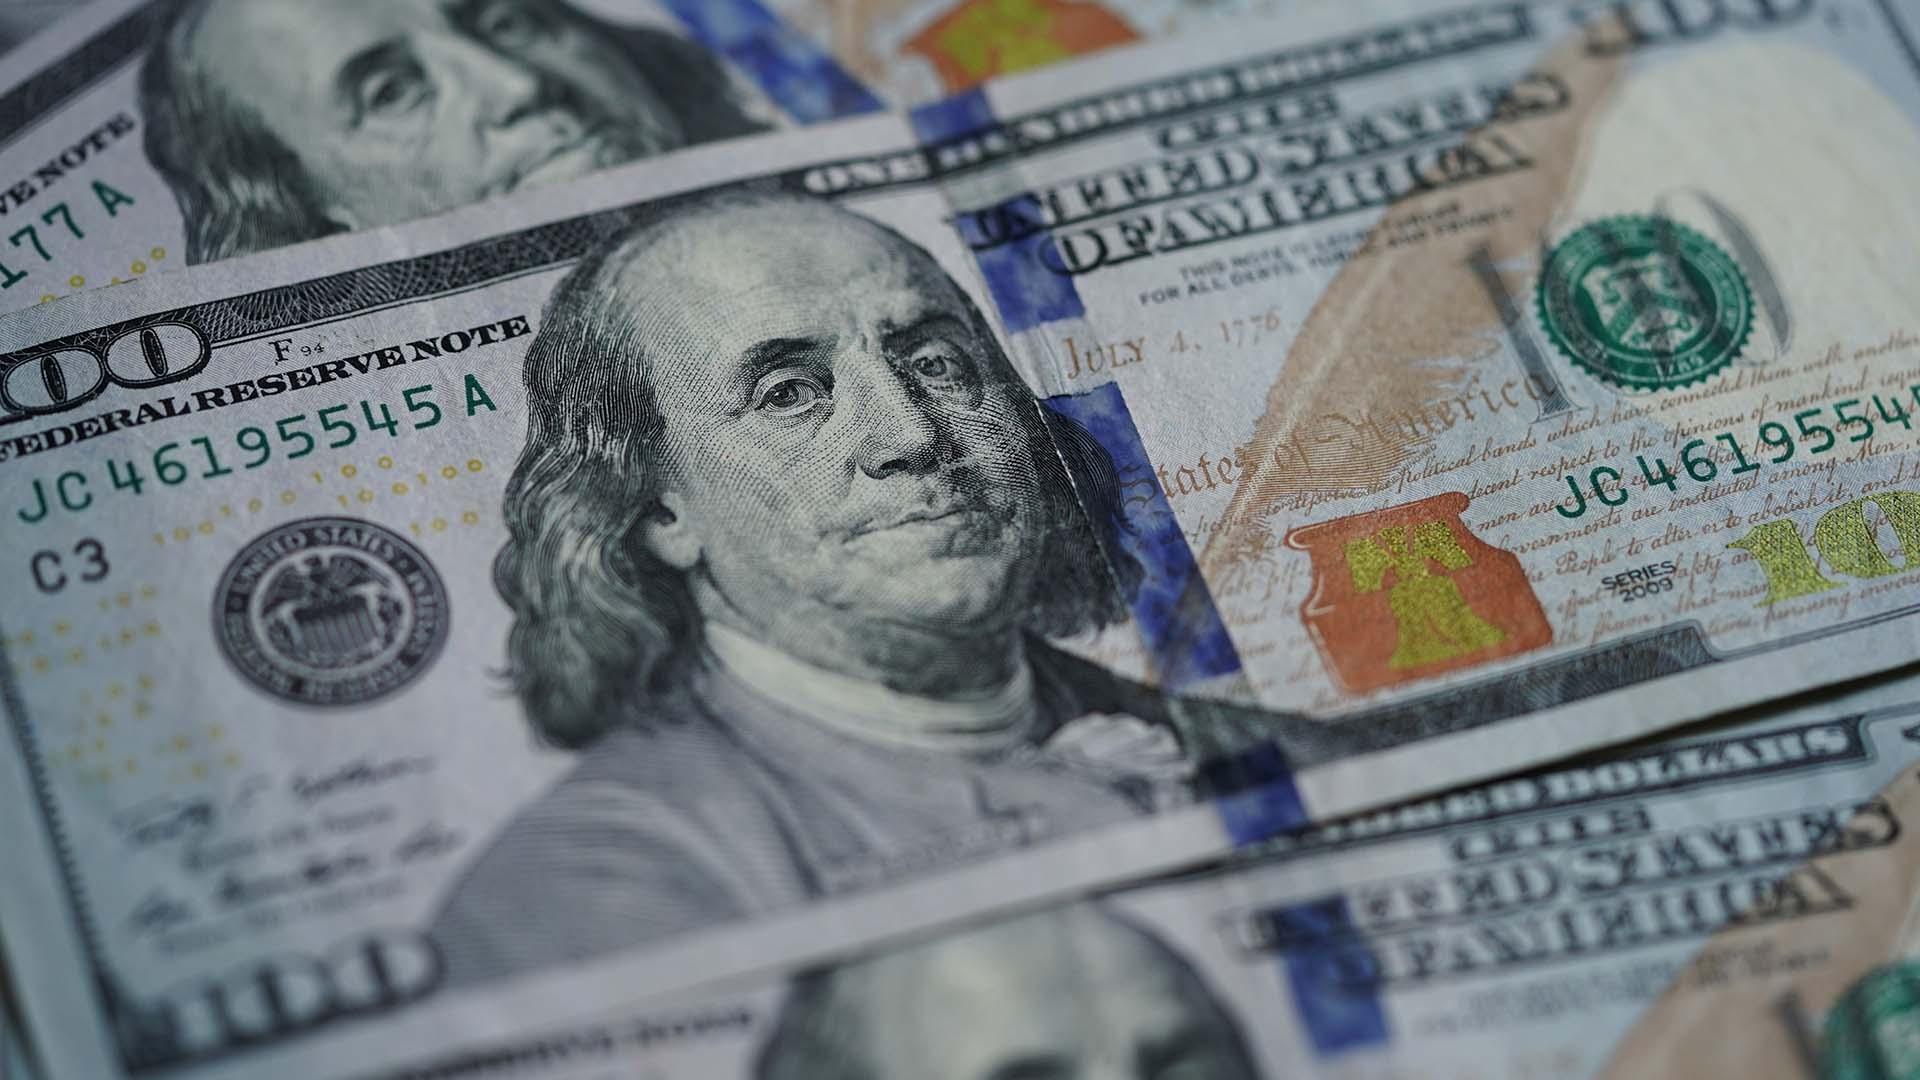 USD 100 dollar bills